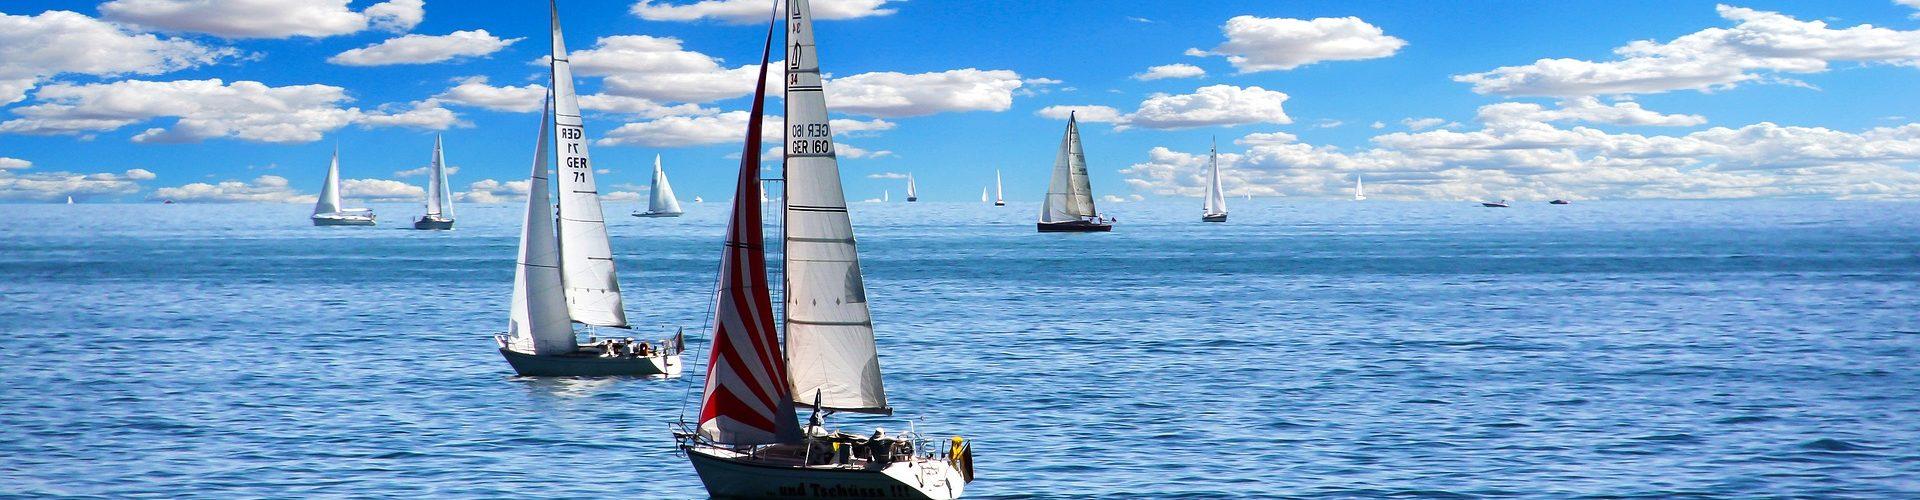 segeln lernen in Hanau segelschein machen in Hanau 1920x500 - Segeln lernen in Hanau